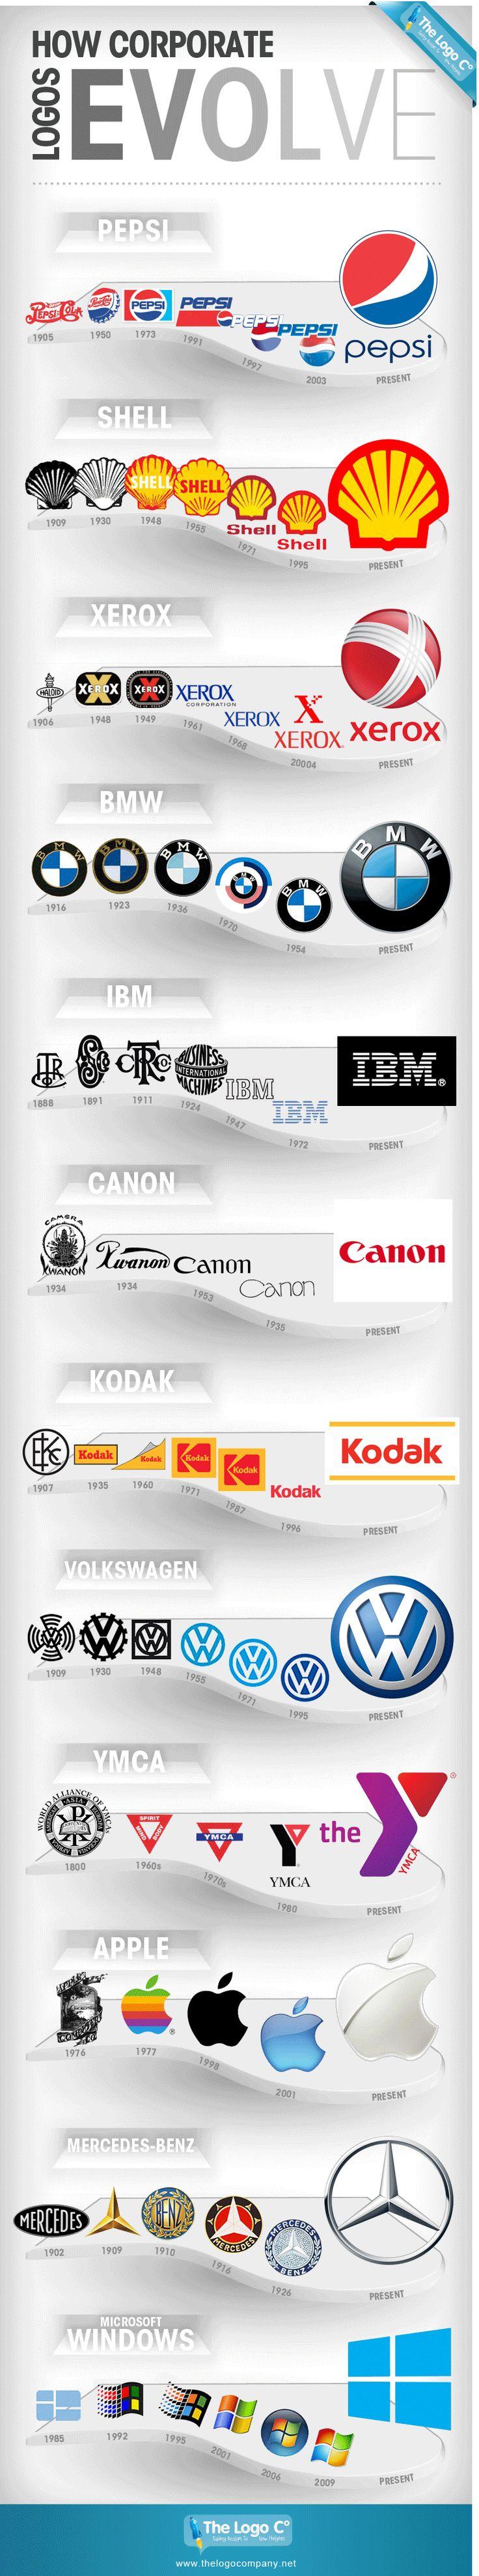 Hoe logo's van grote bedrijven langzaam ontwikkelen